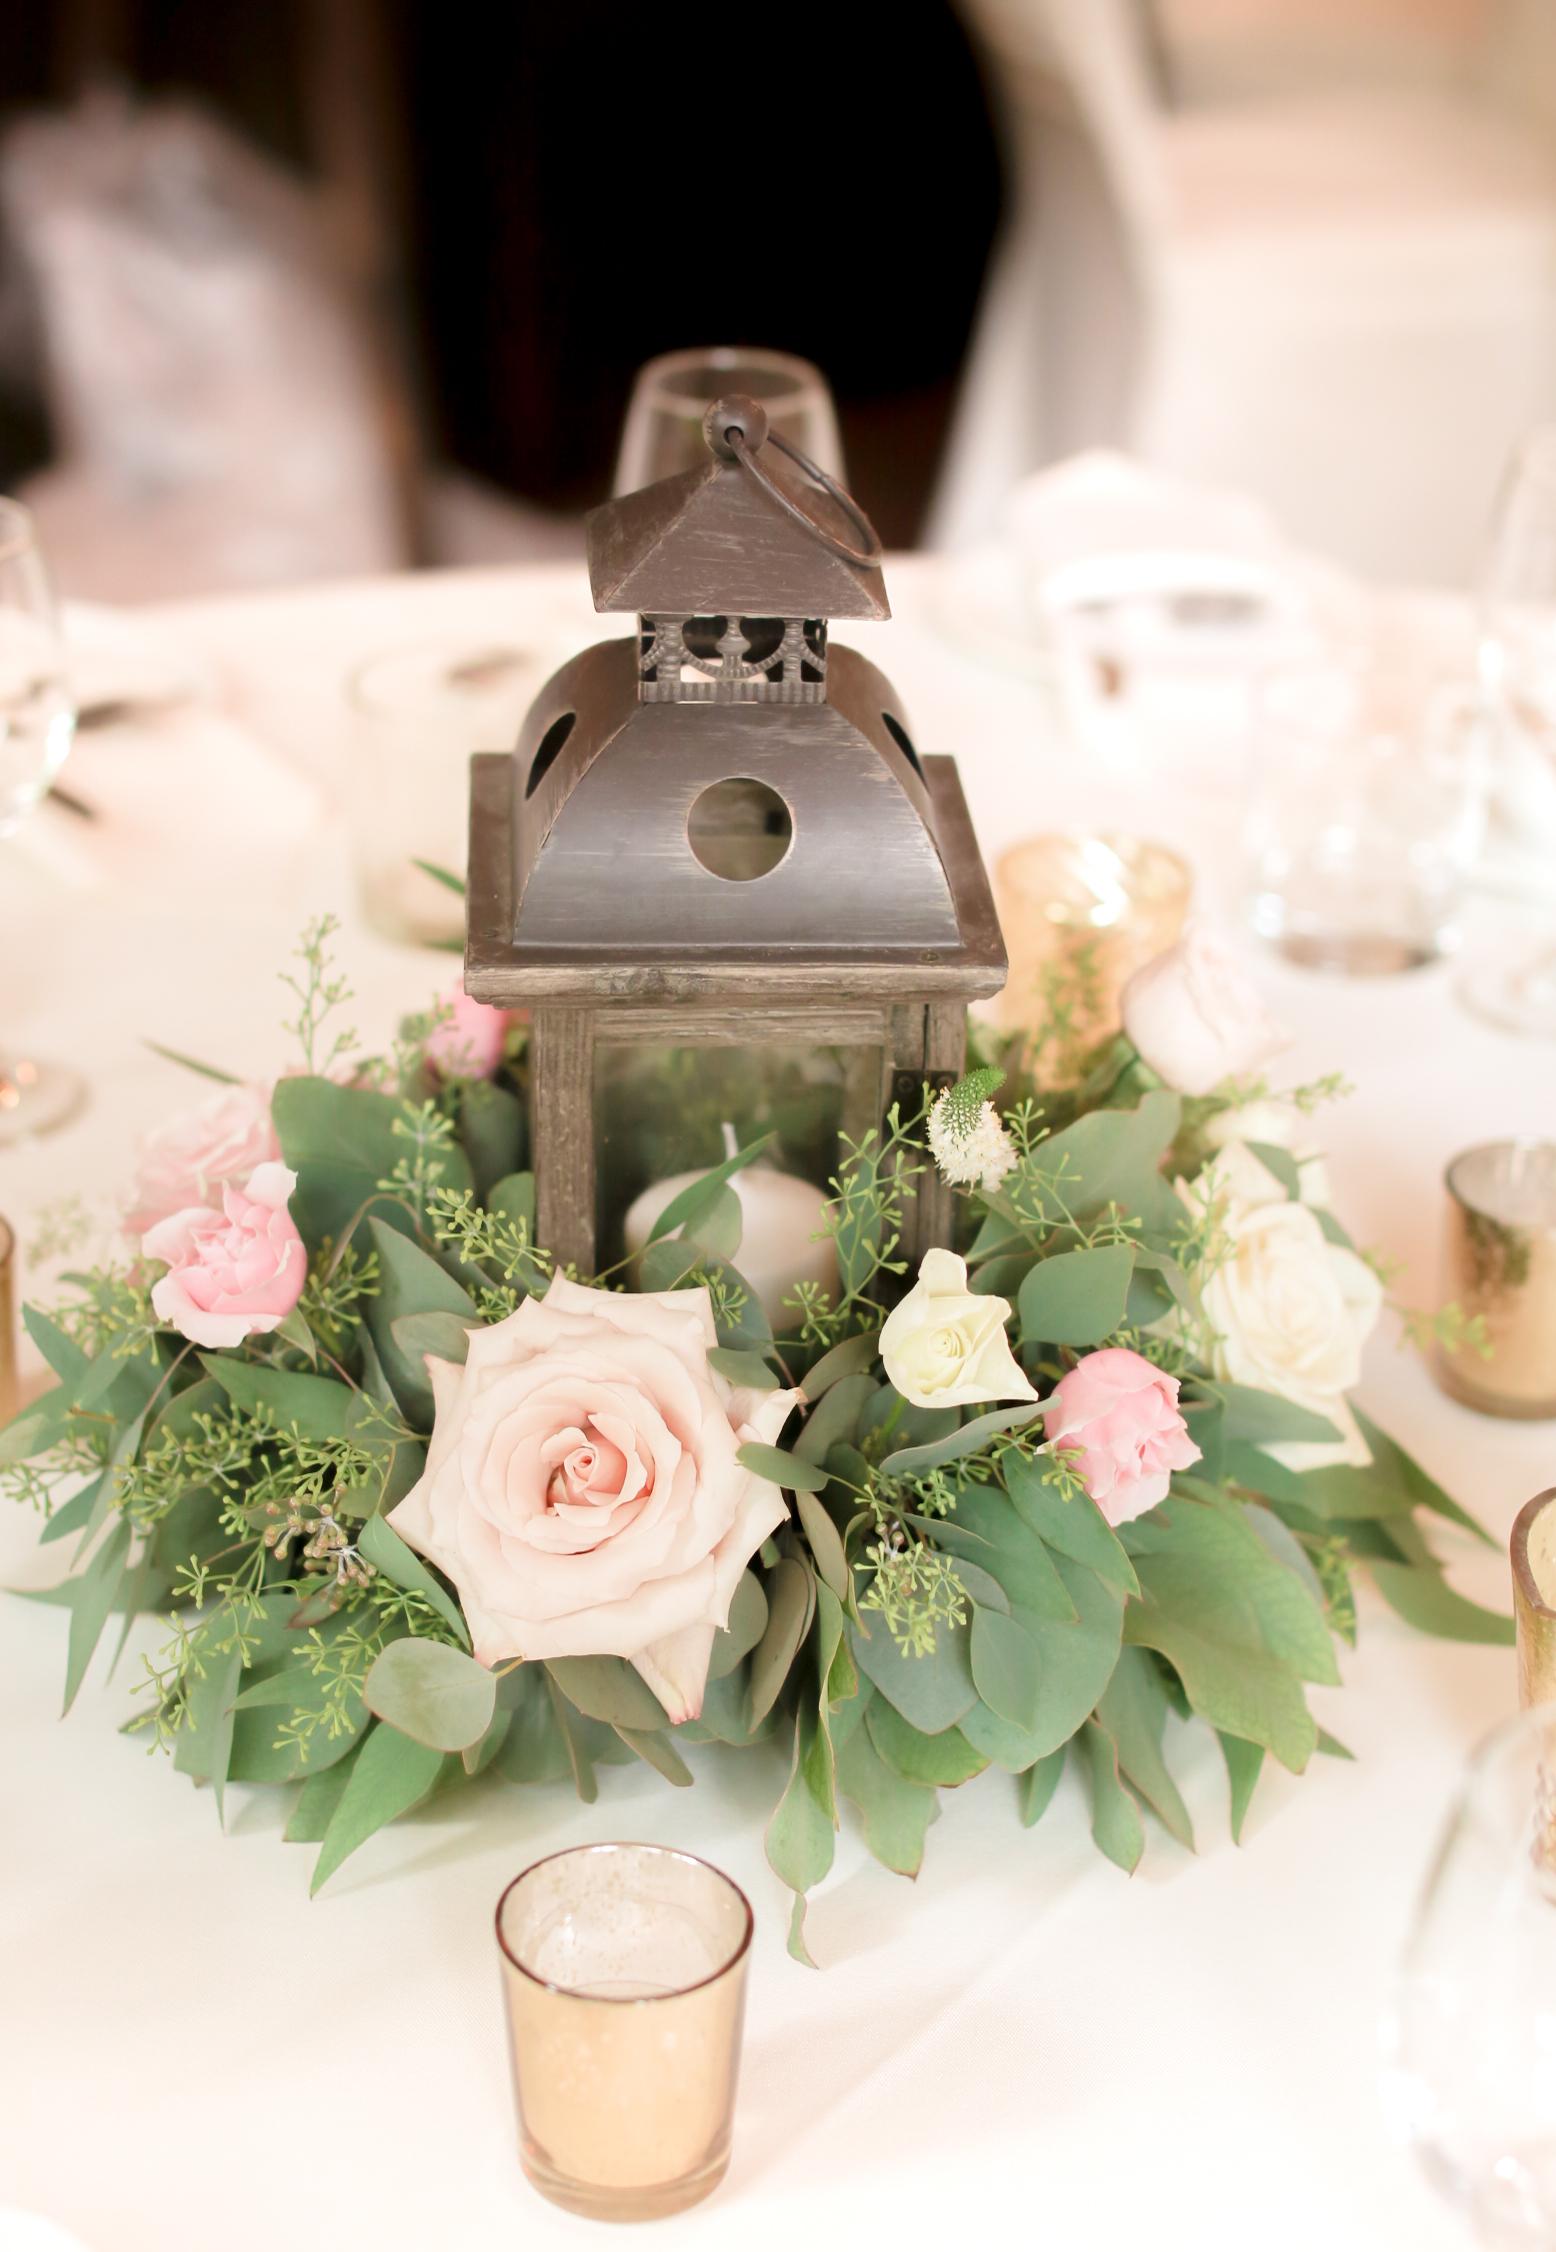 Wedding Lantern Centerpiece